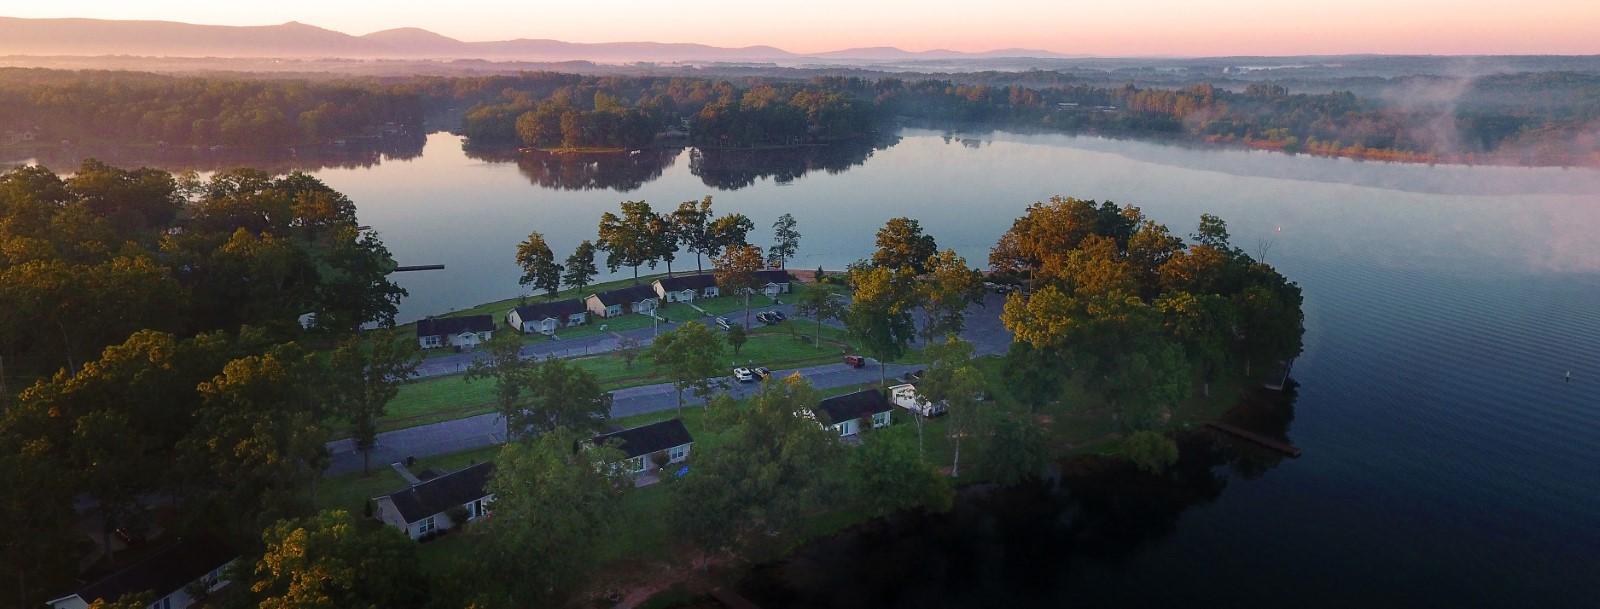 lake-tansi-village-resort (4)